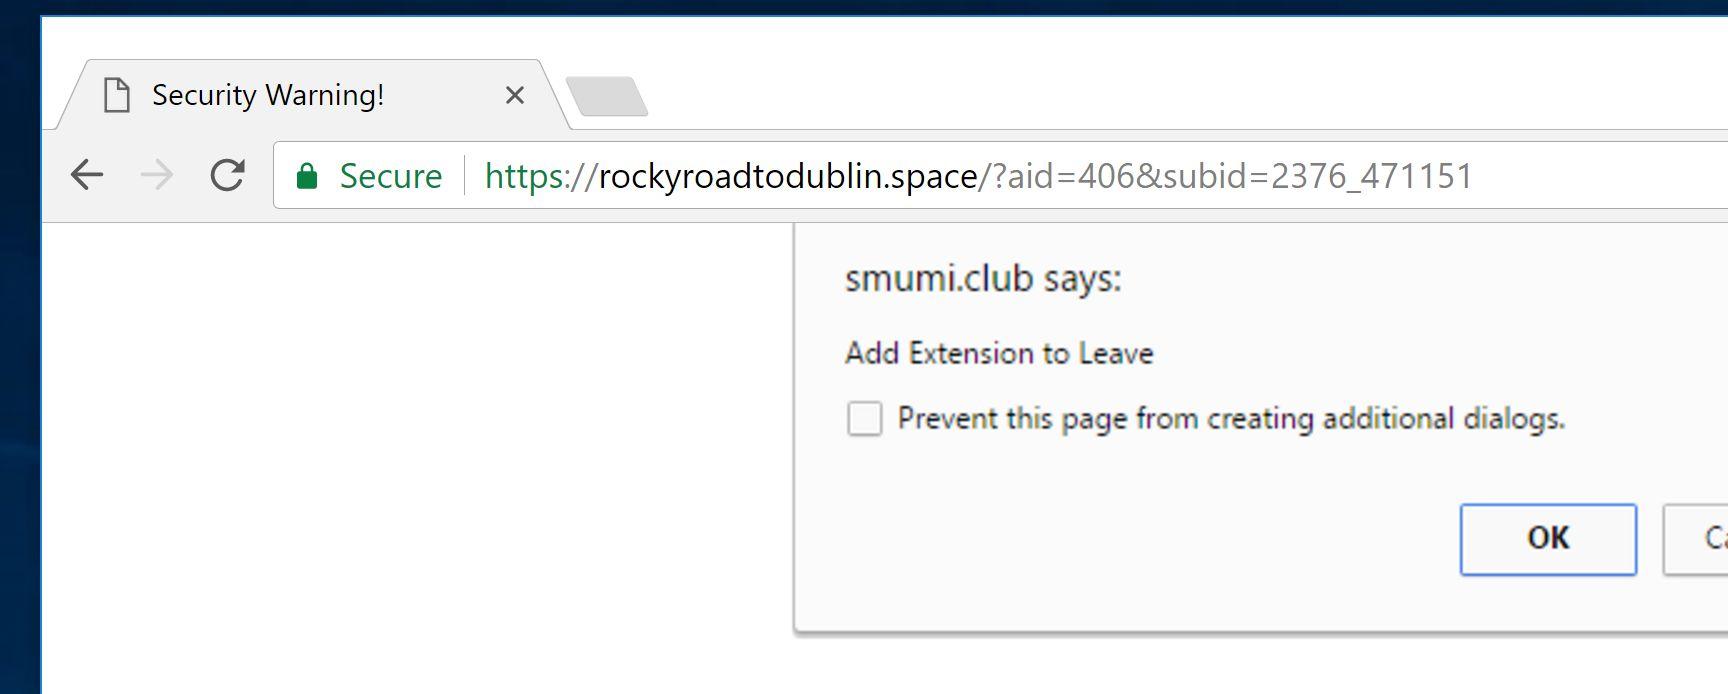 rockyroadtodublin.space virus